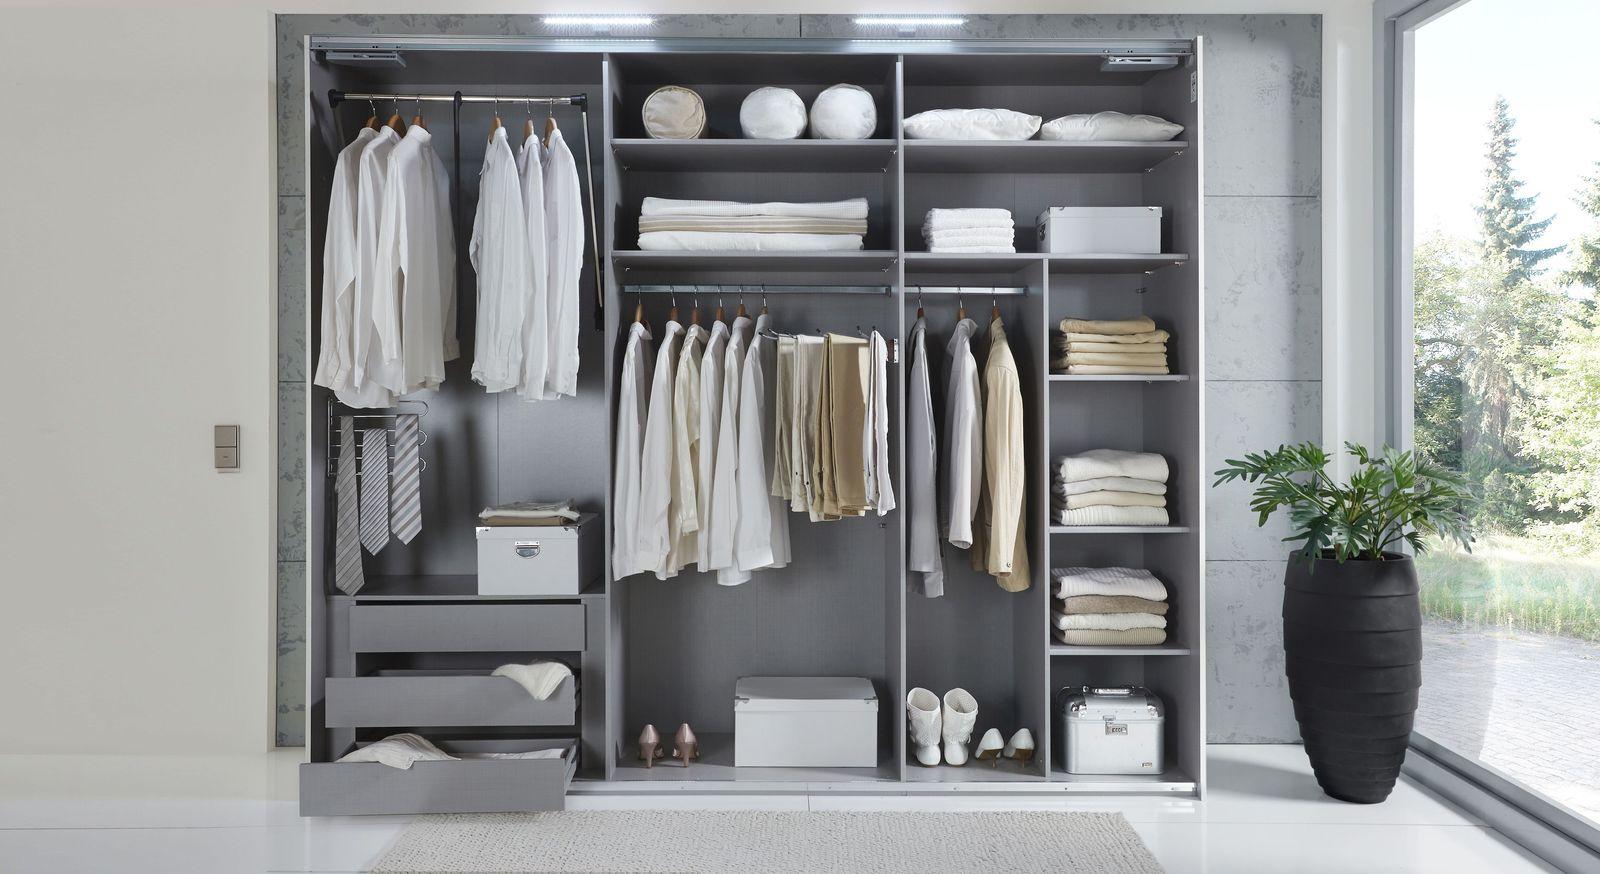 Übersicht der praktischen Zusatzausstattung & Beleuchtung für Kleiderschränke